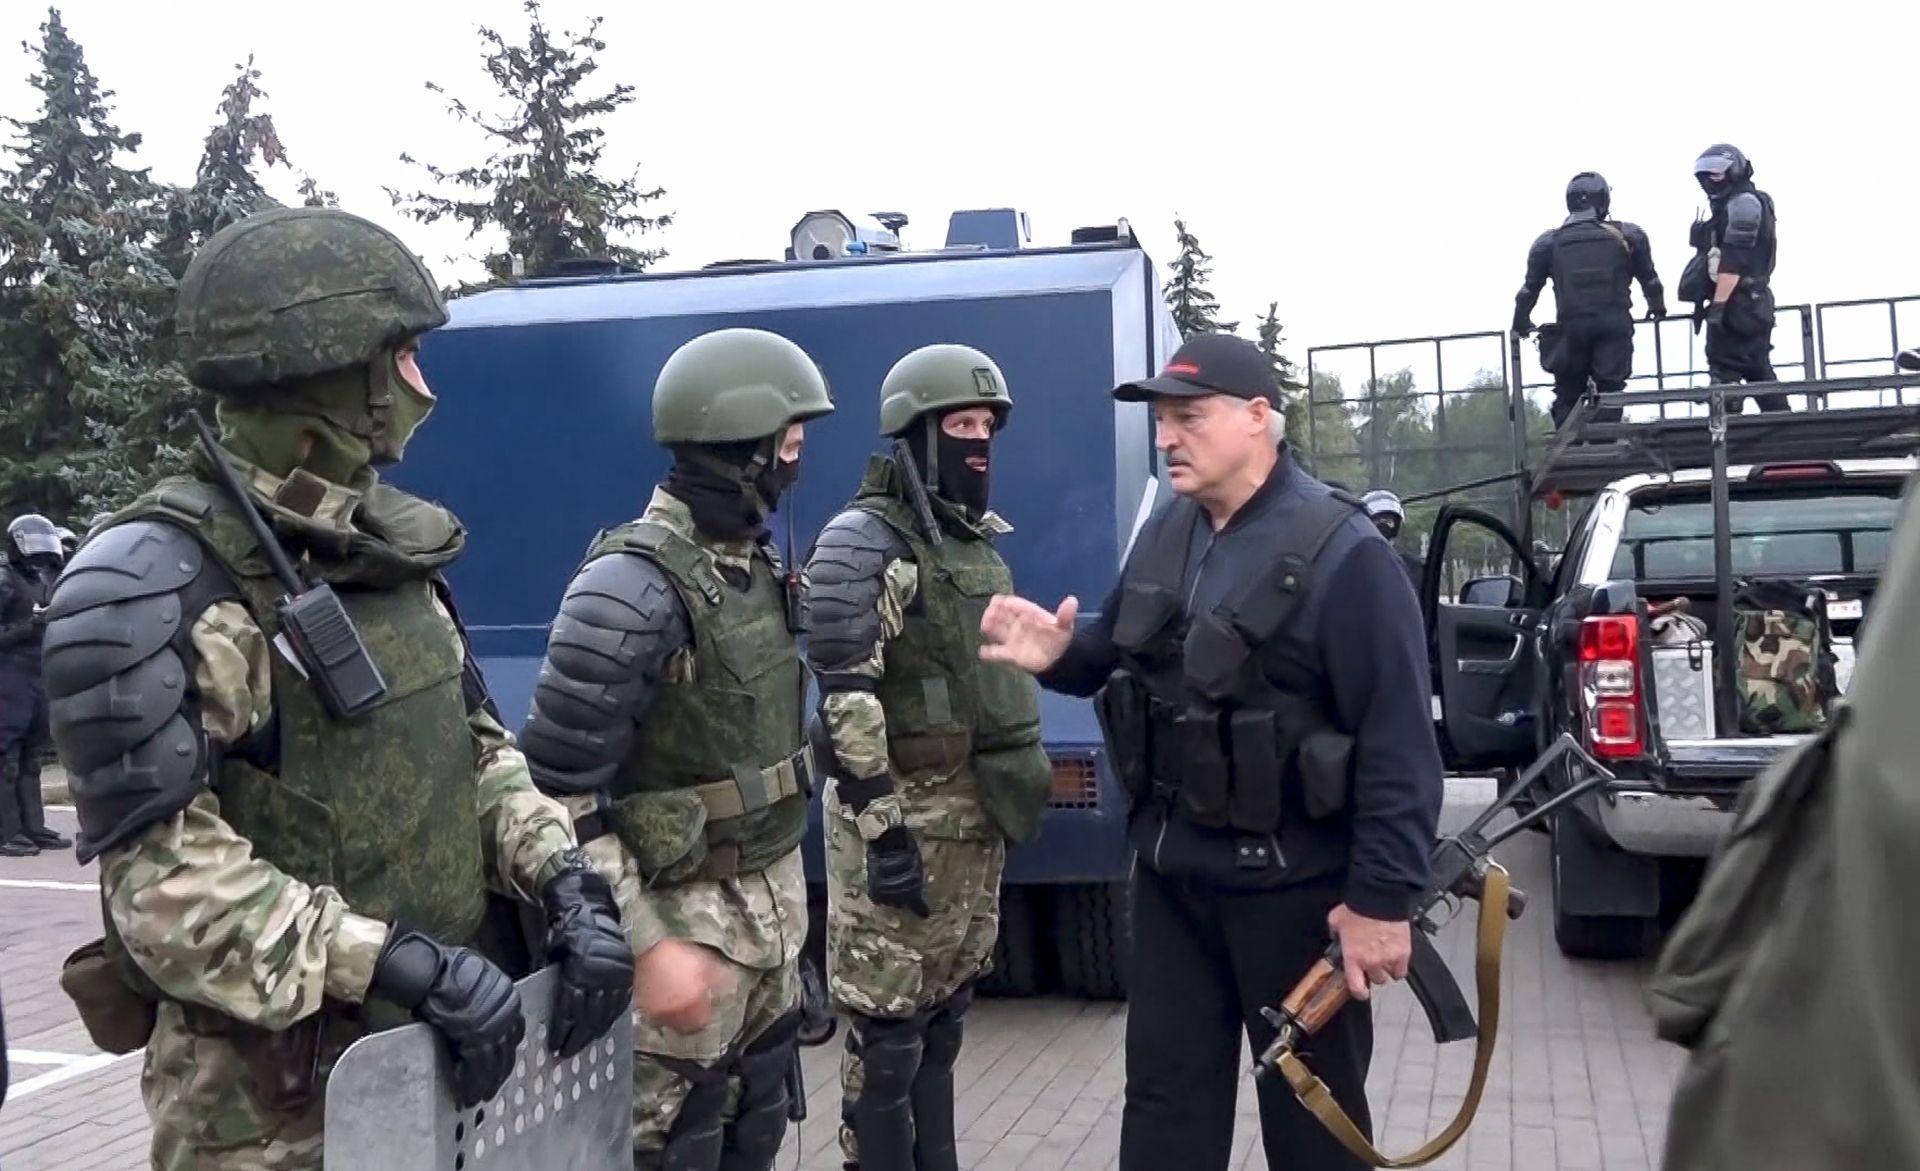 Александър Лукашенко надъхва полицейките части за борба с безредиците, 23 август 2020 г.